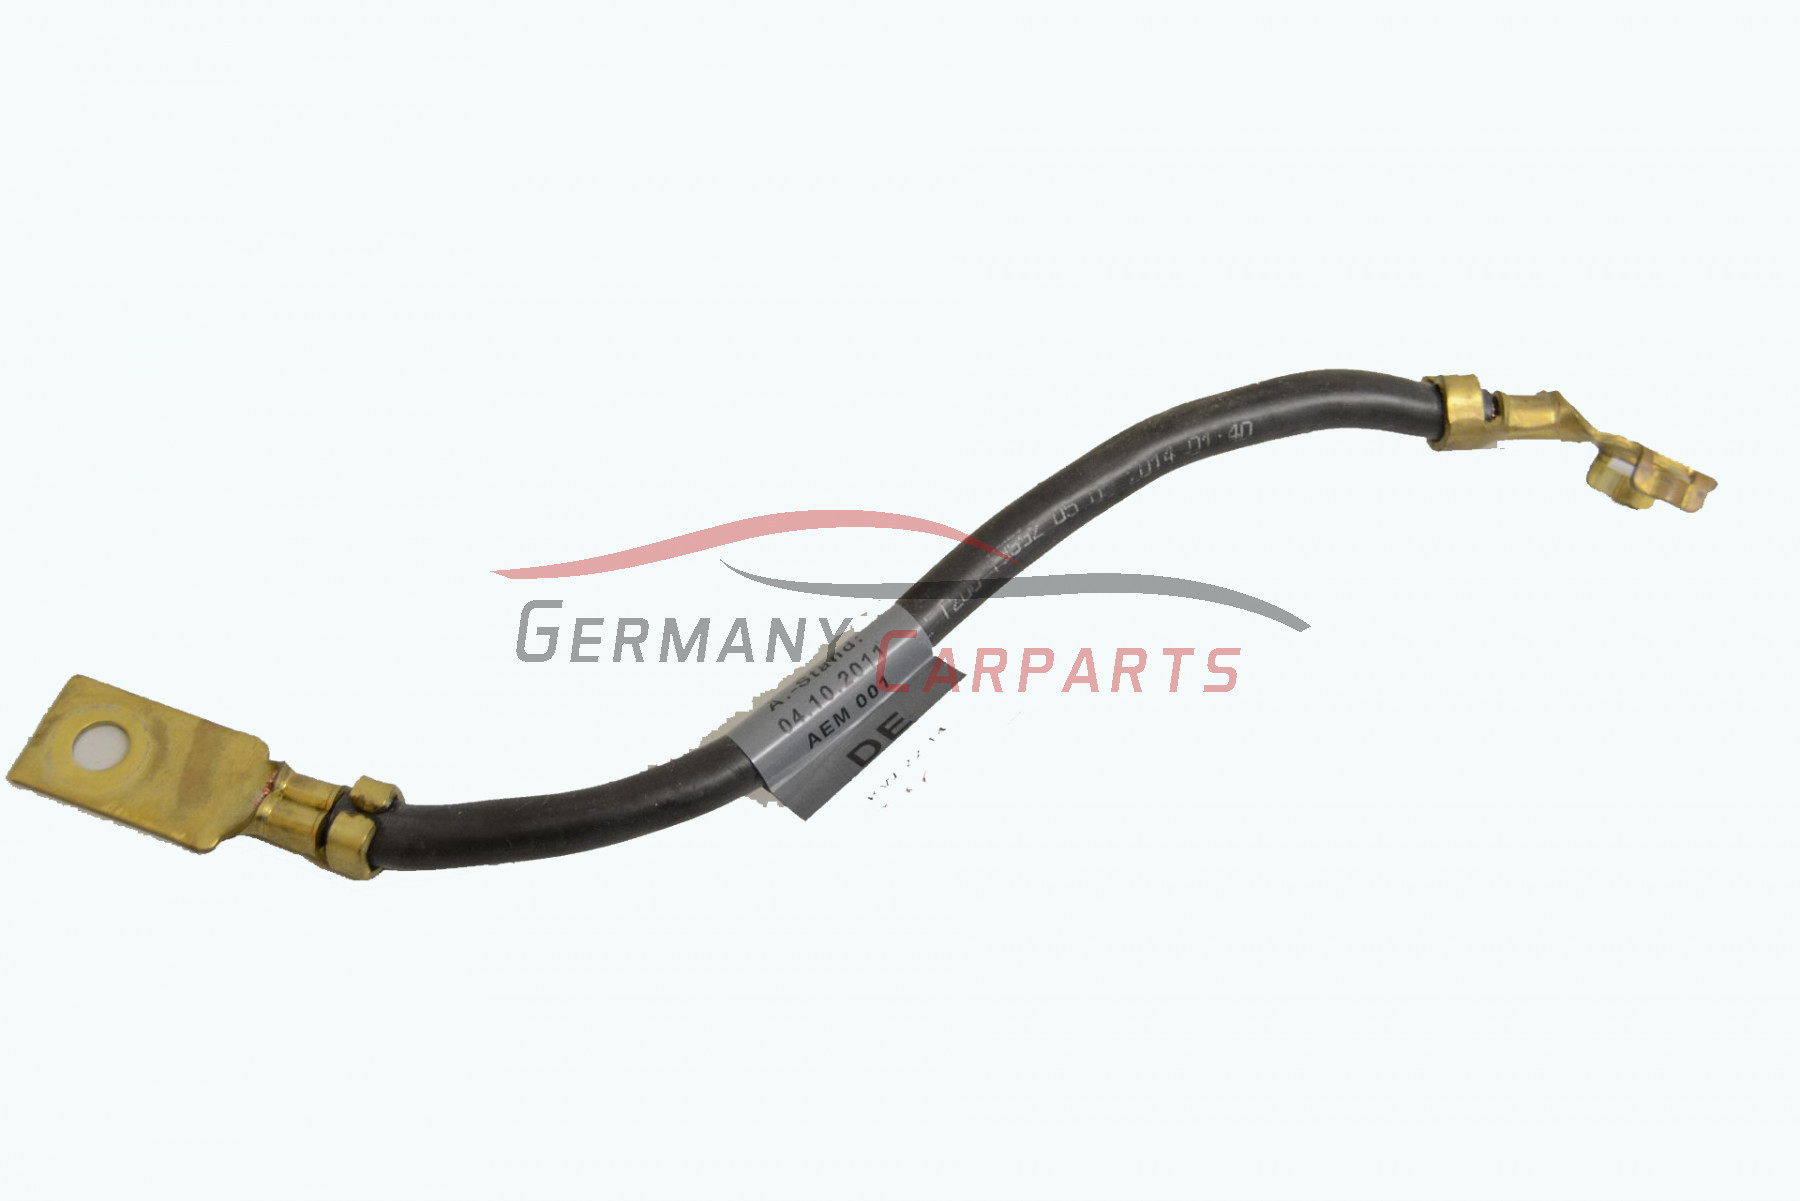 Original Audi A4 8k Batteriekabel Massekabel Kabel